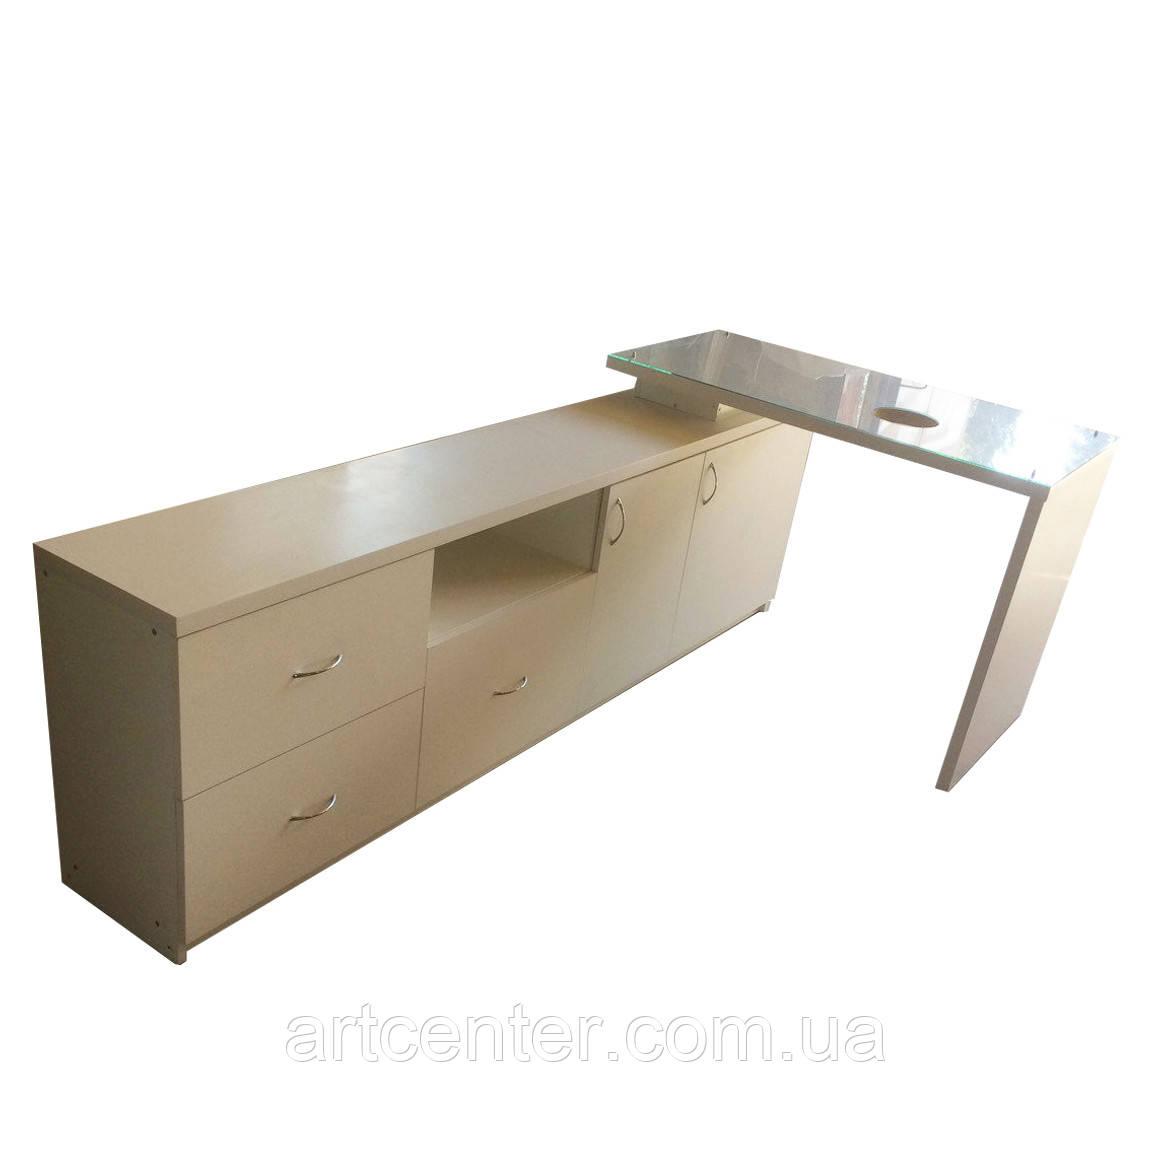 Стіл для манікюру з нішею, манікюрний стіл